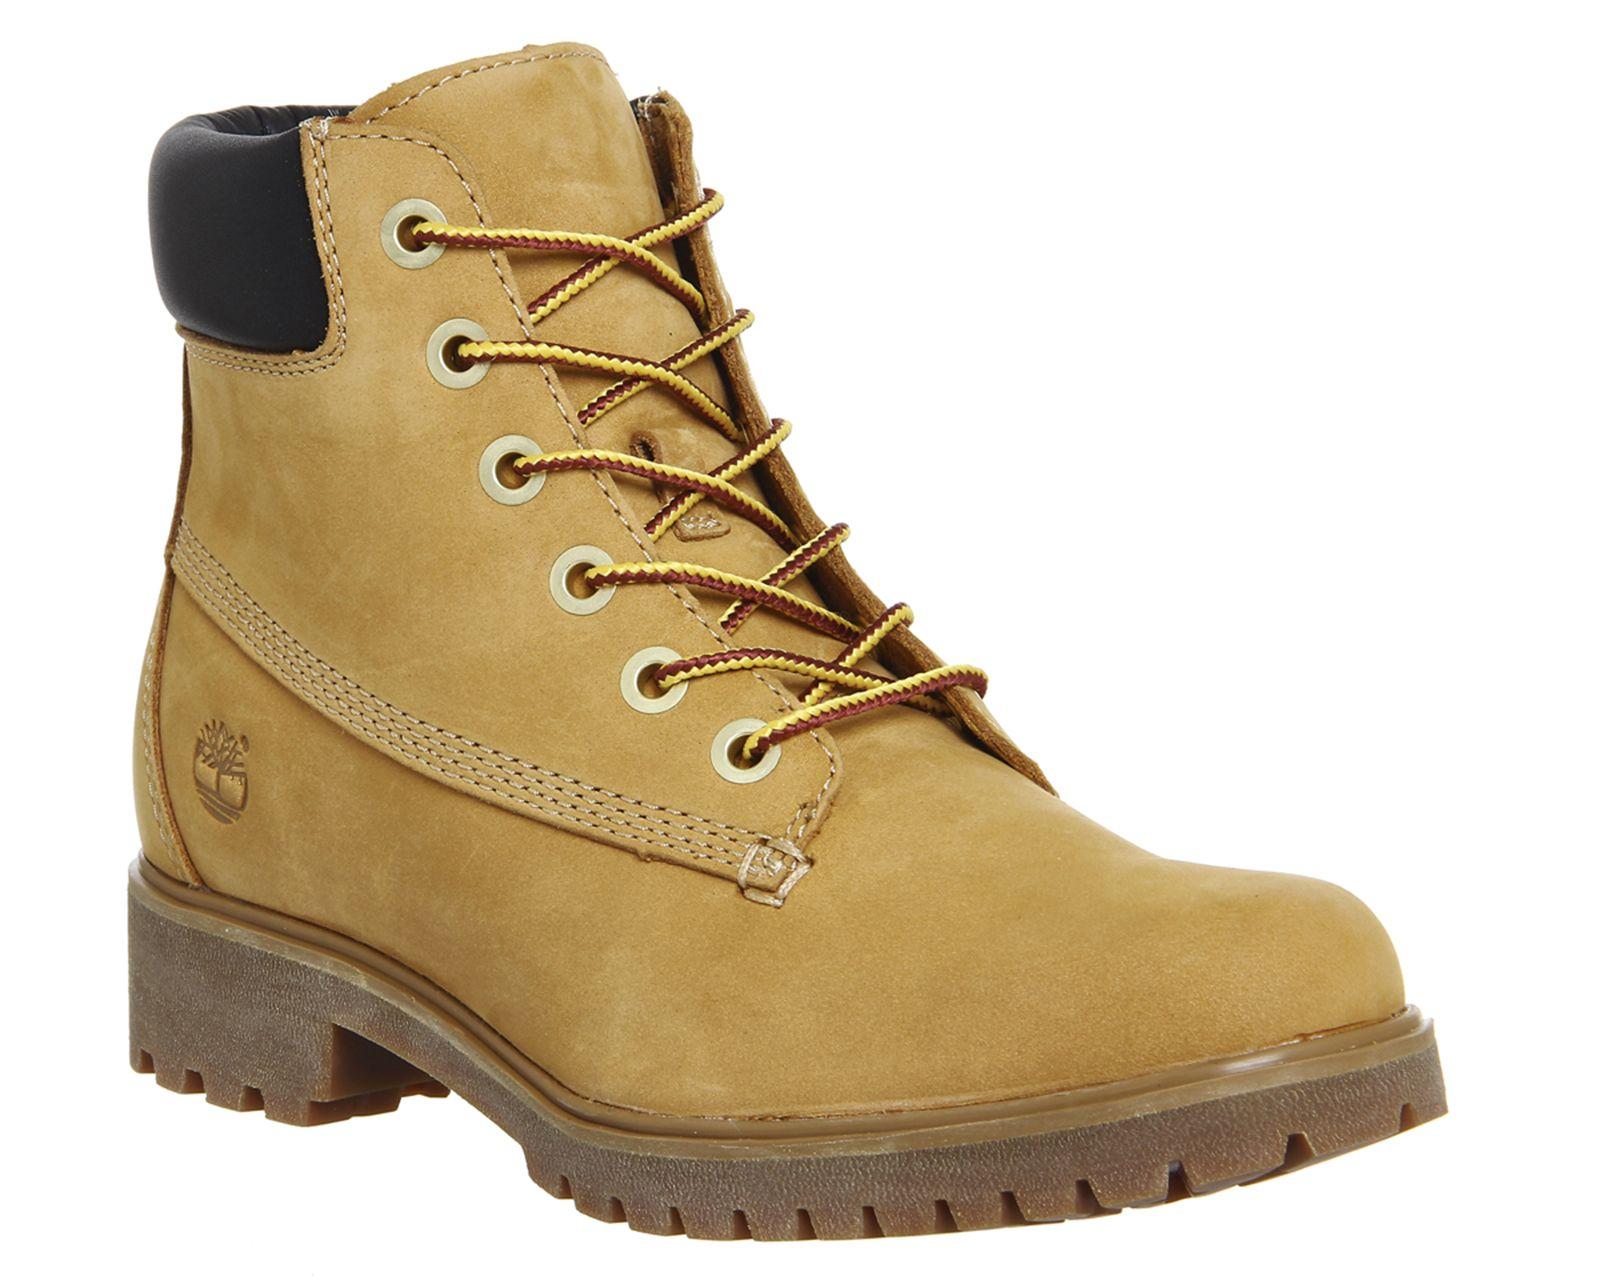 Buy Wheat Nubuck Timberland Slim 6inch Premium Boots from